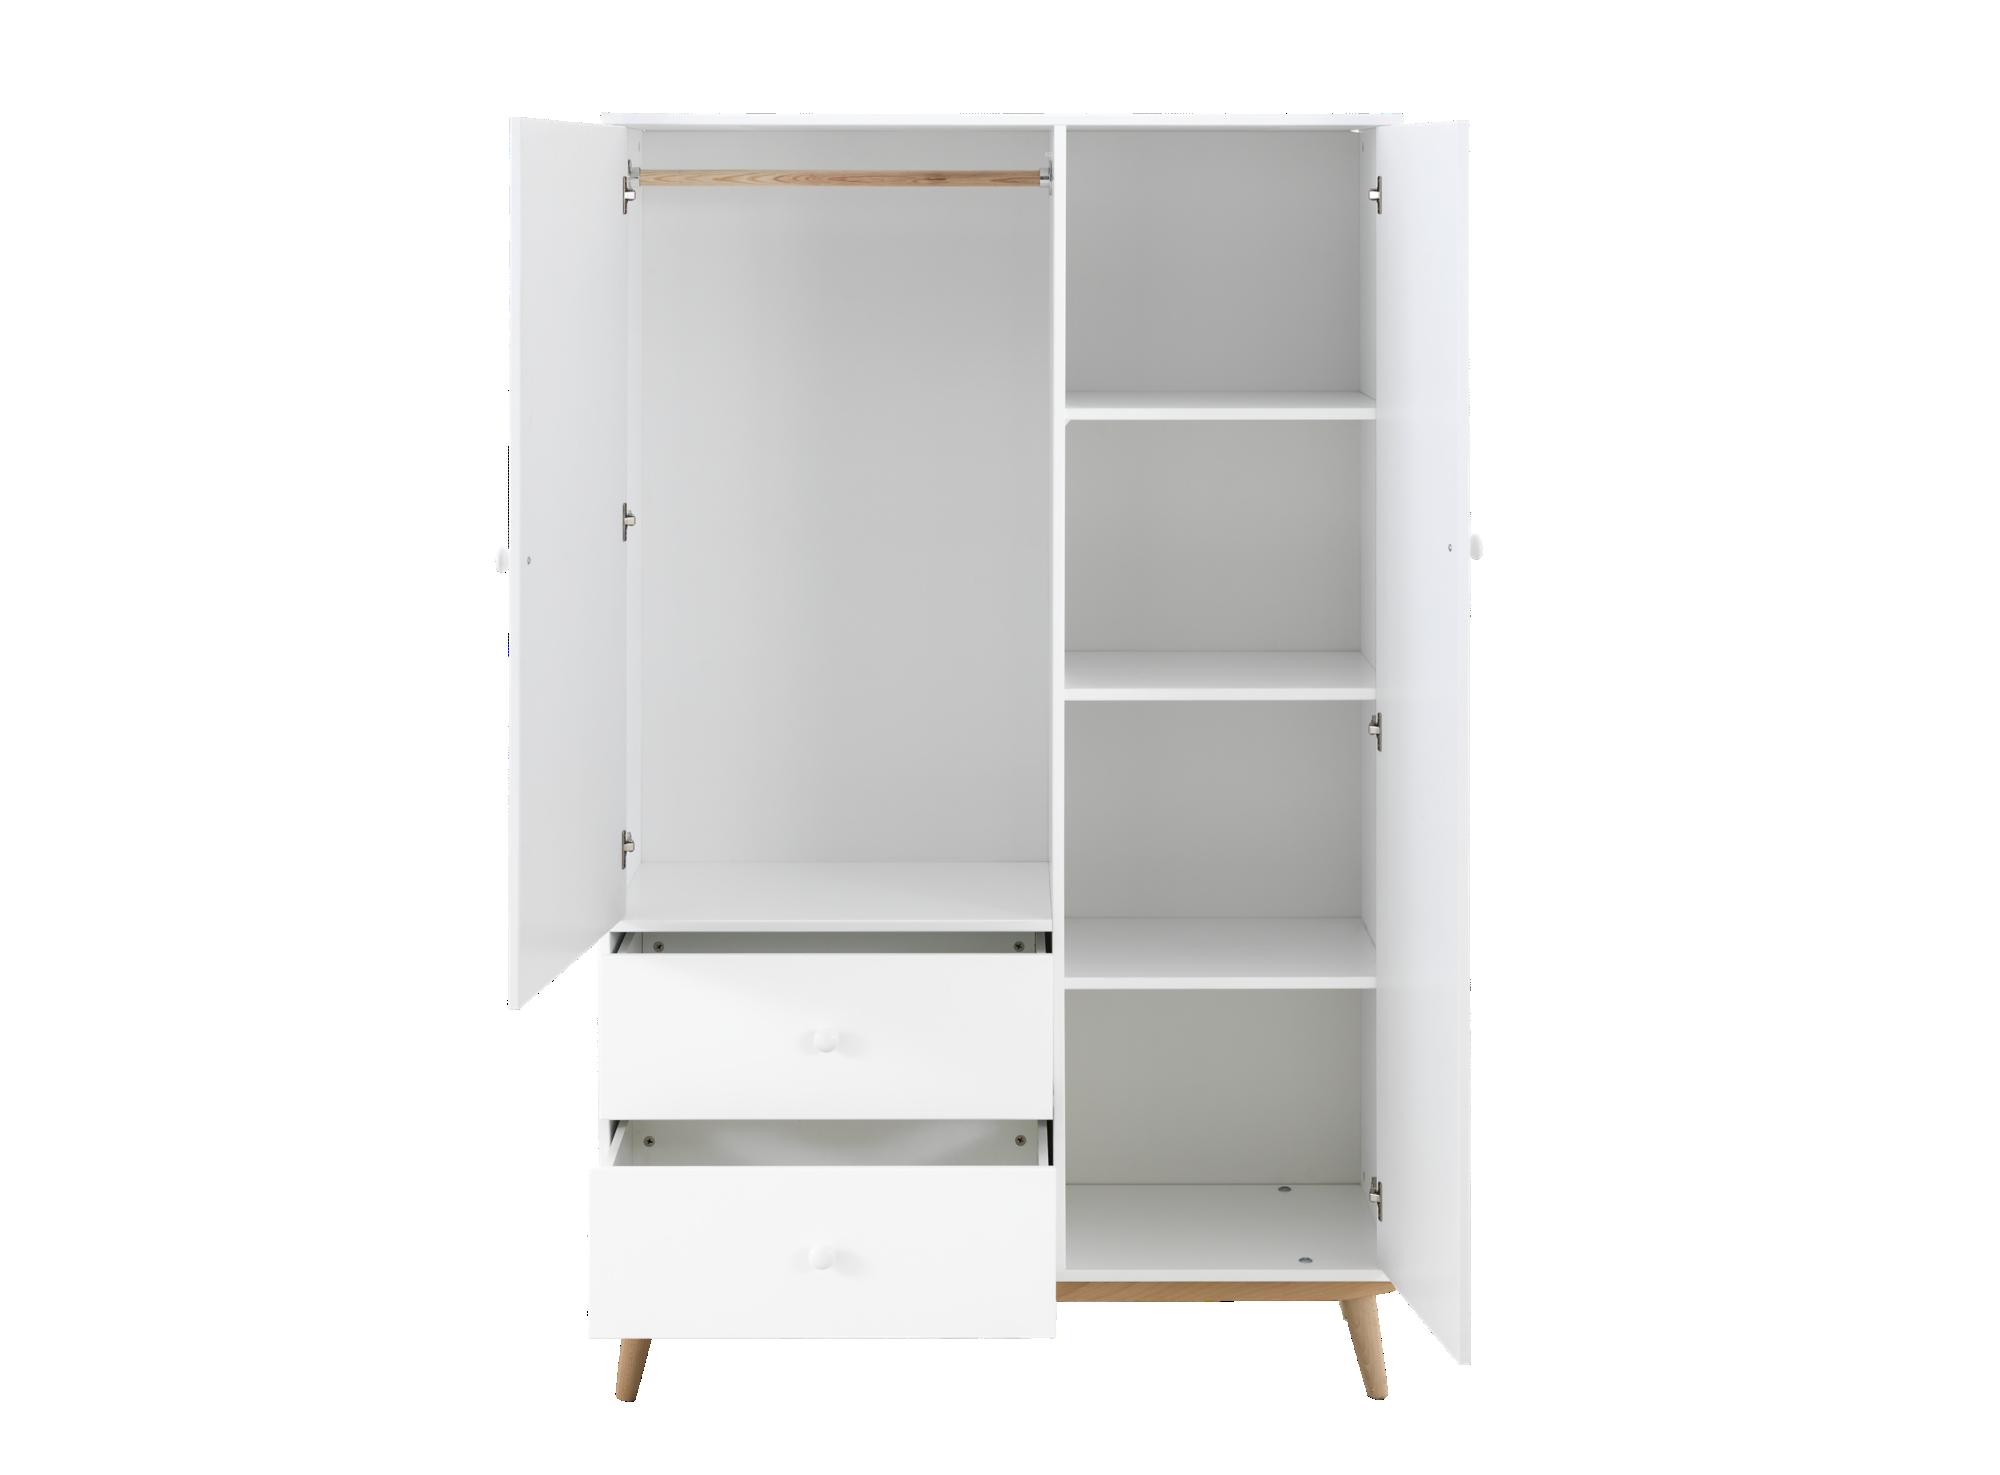 Armoire 2 portes blanc / pieds bois - Armoire - Chambre - Meuble ...